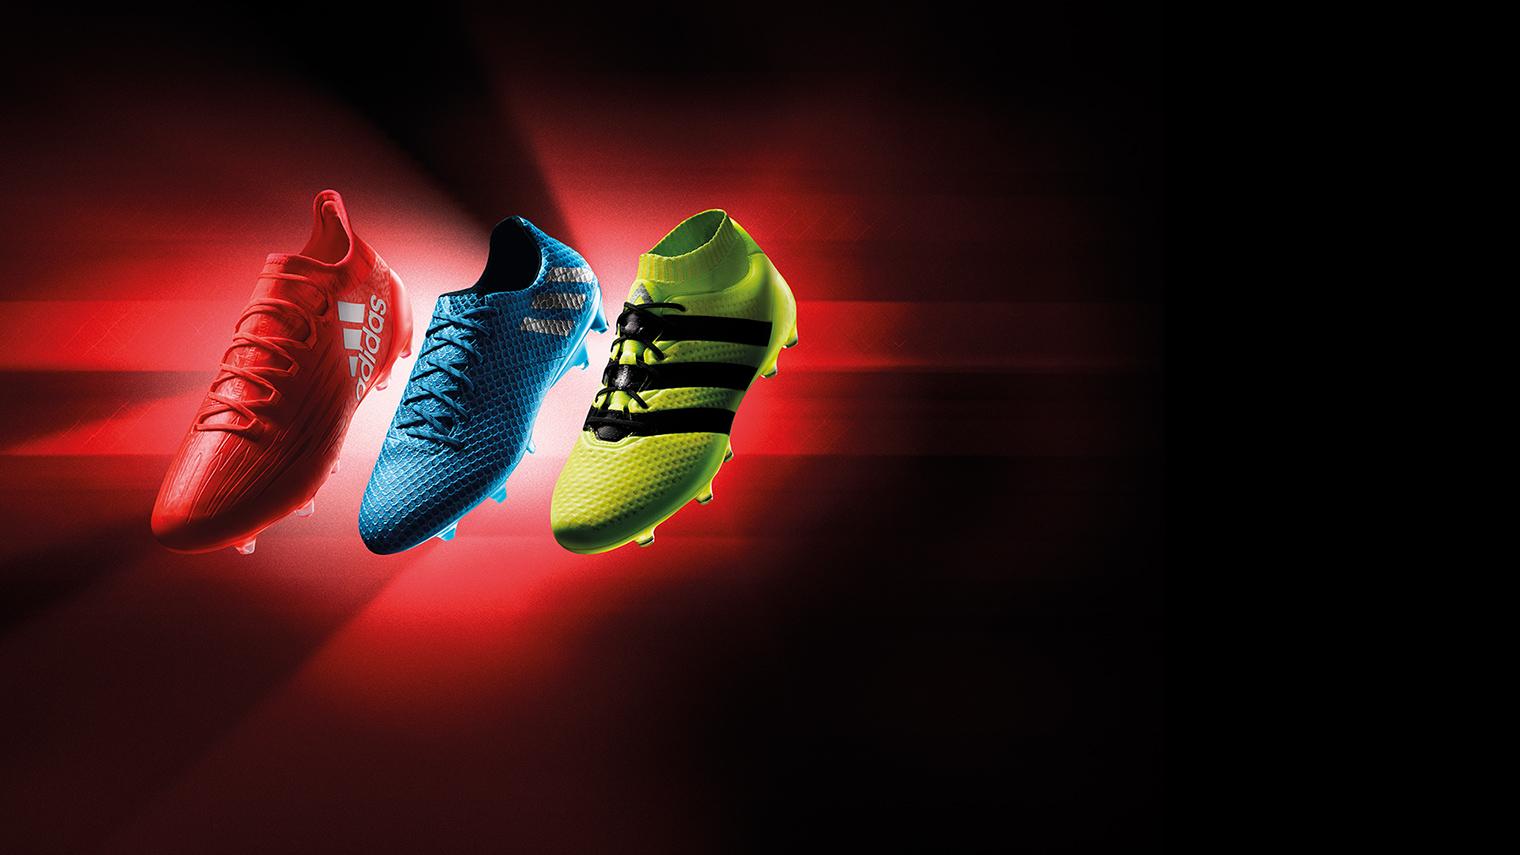 Nowa kolekcja butów piłkarskich adidas Speed of light!